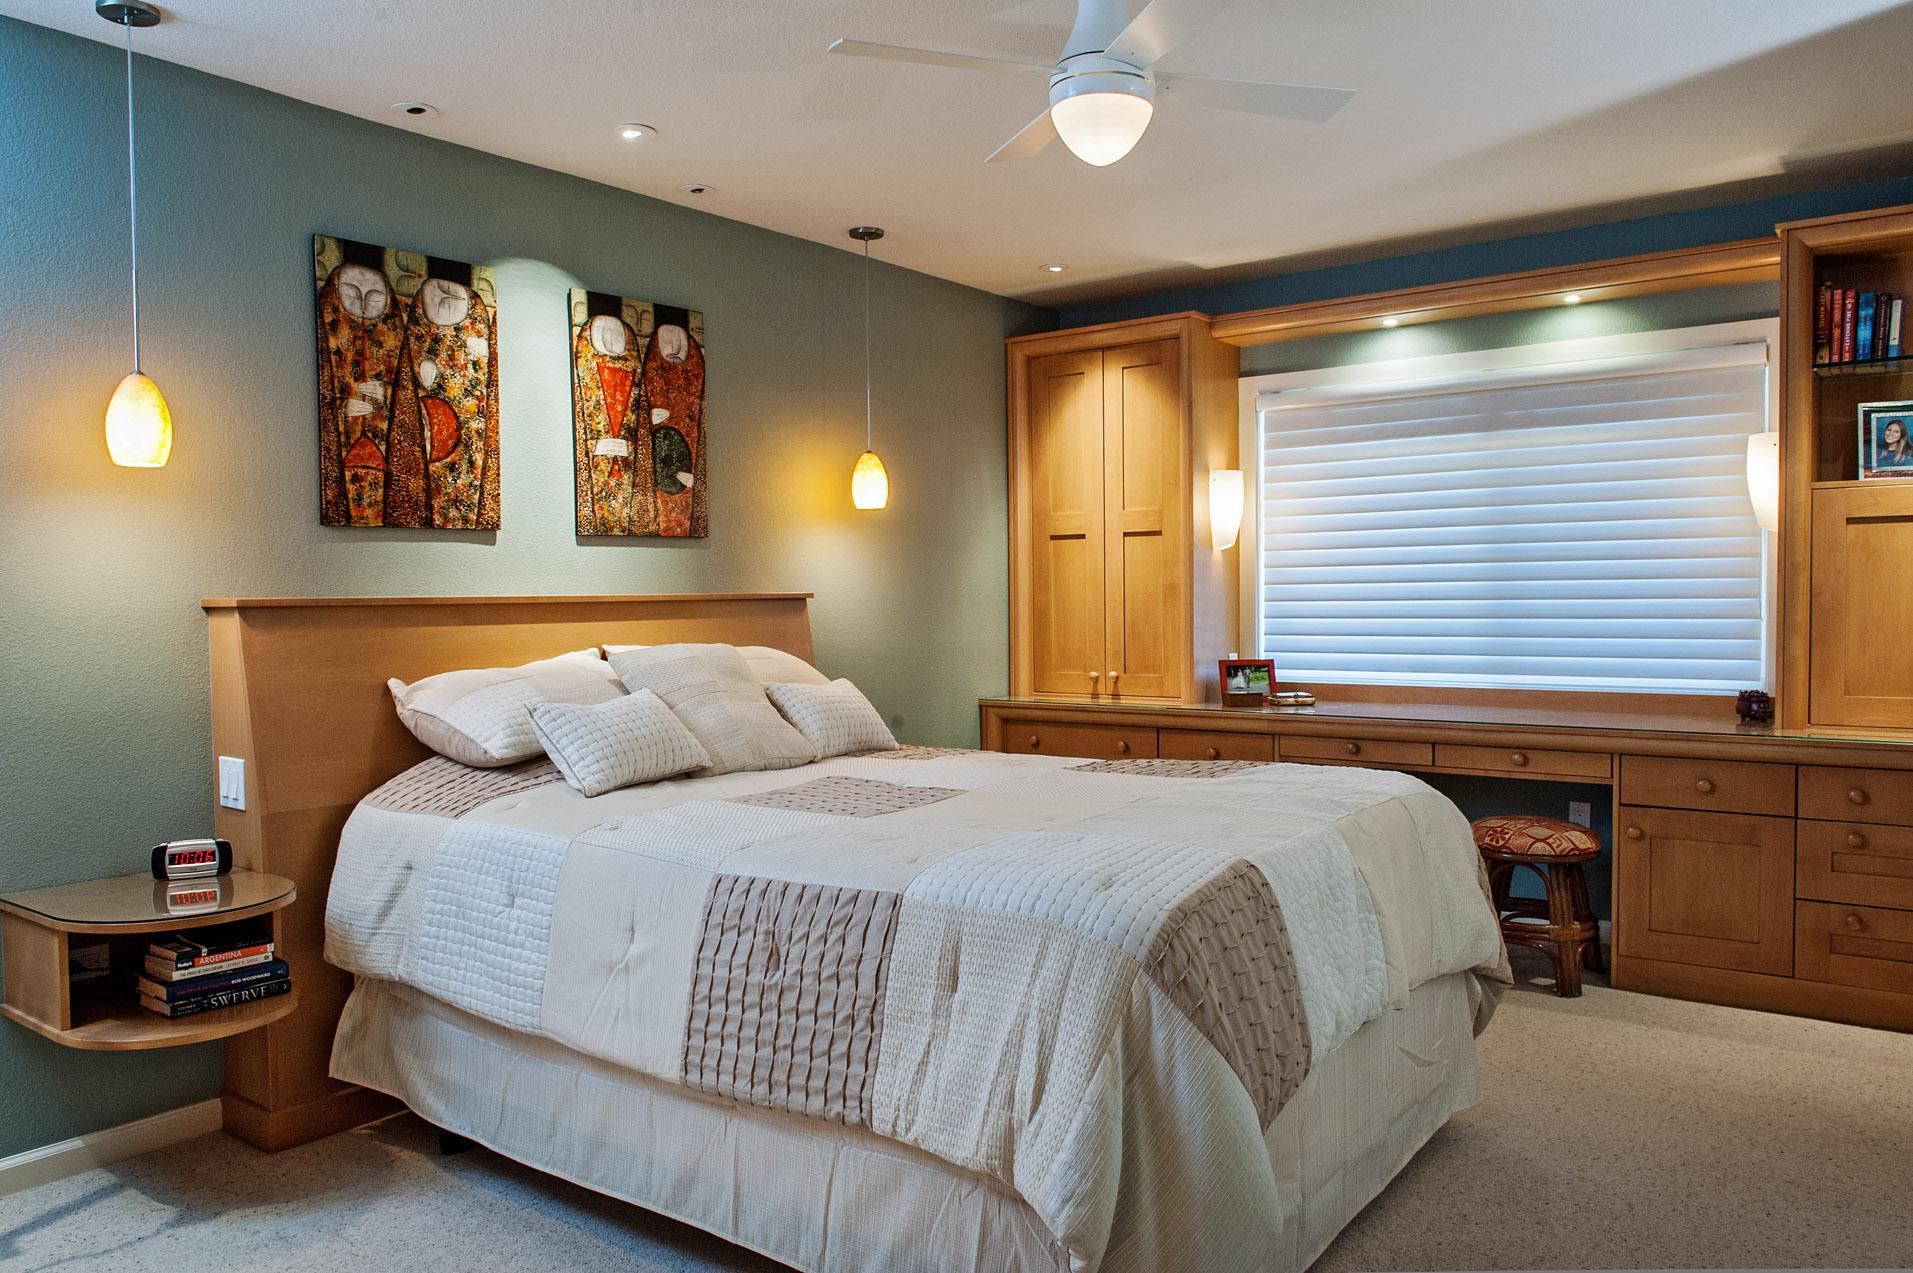 Built-in bedroom furniture.